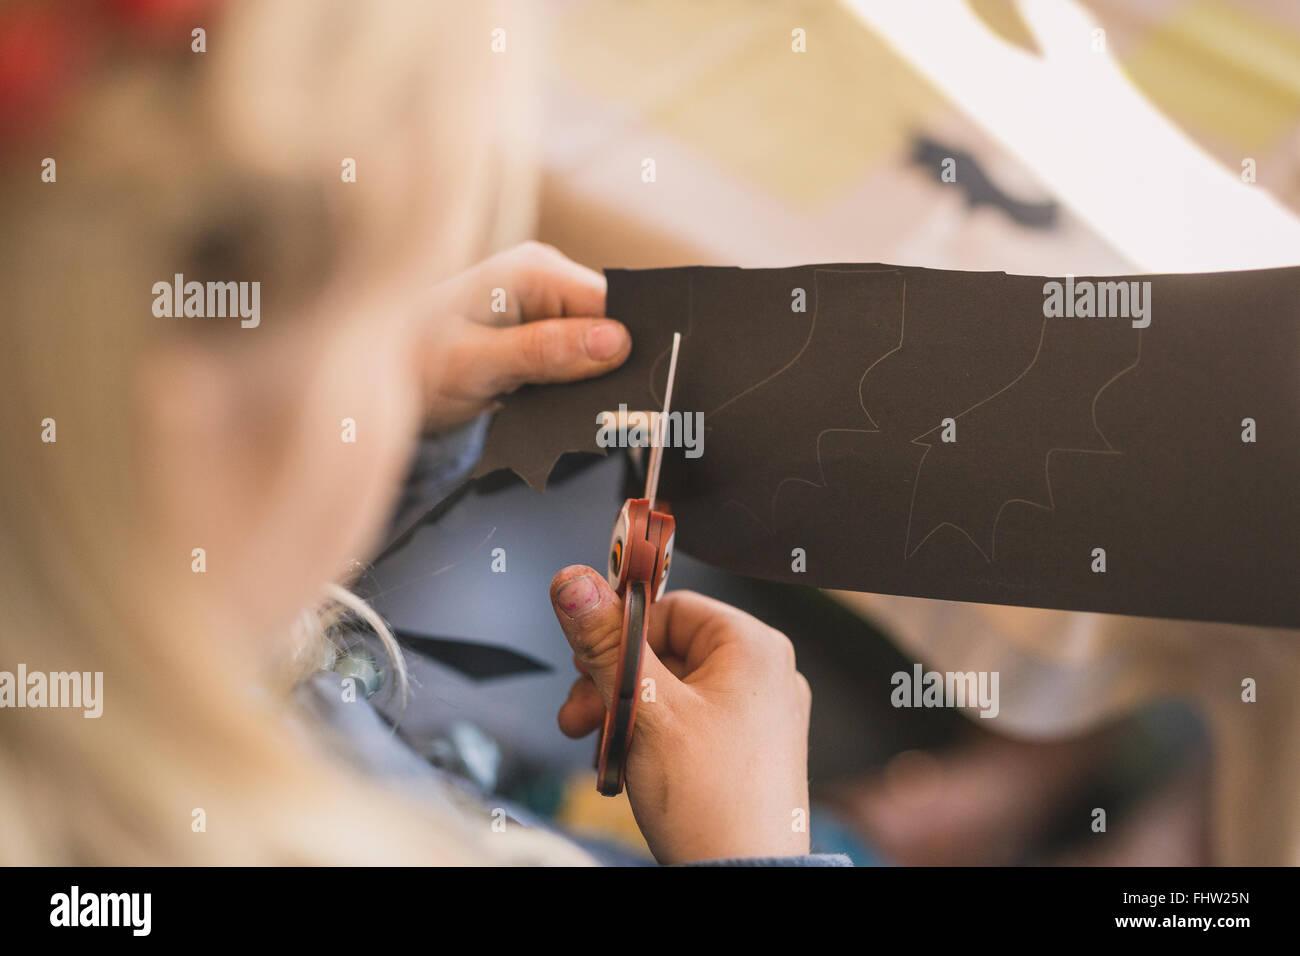 Chica cortar papel con tijeras con forma de lechuza Imagen De Stock